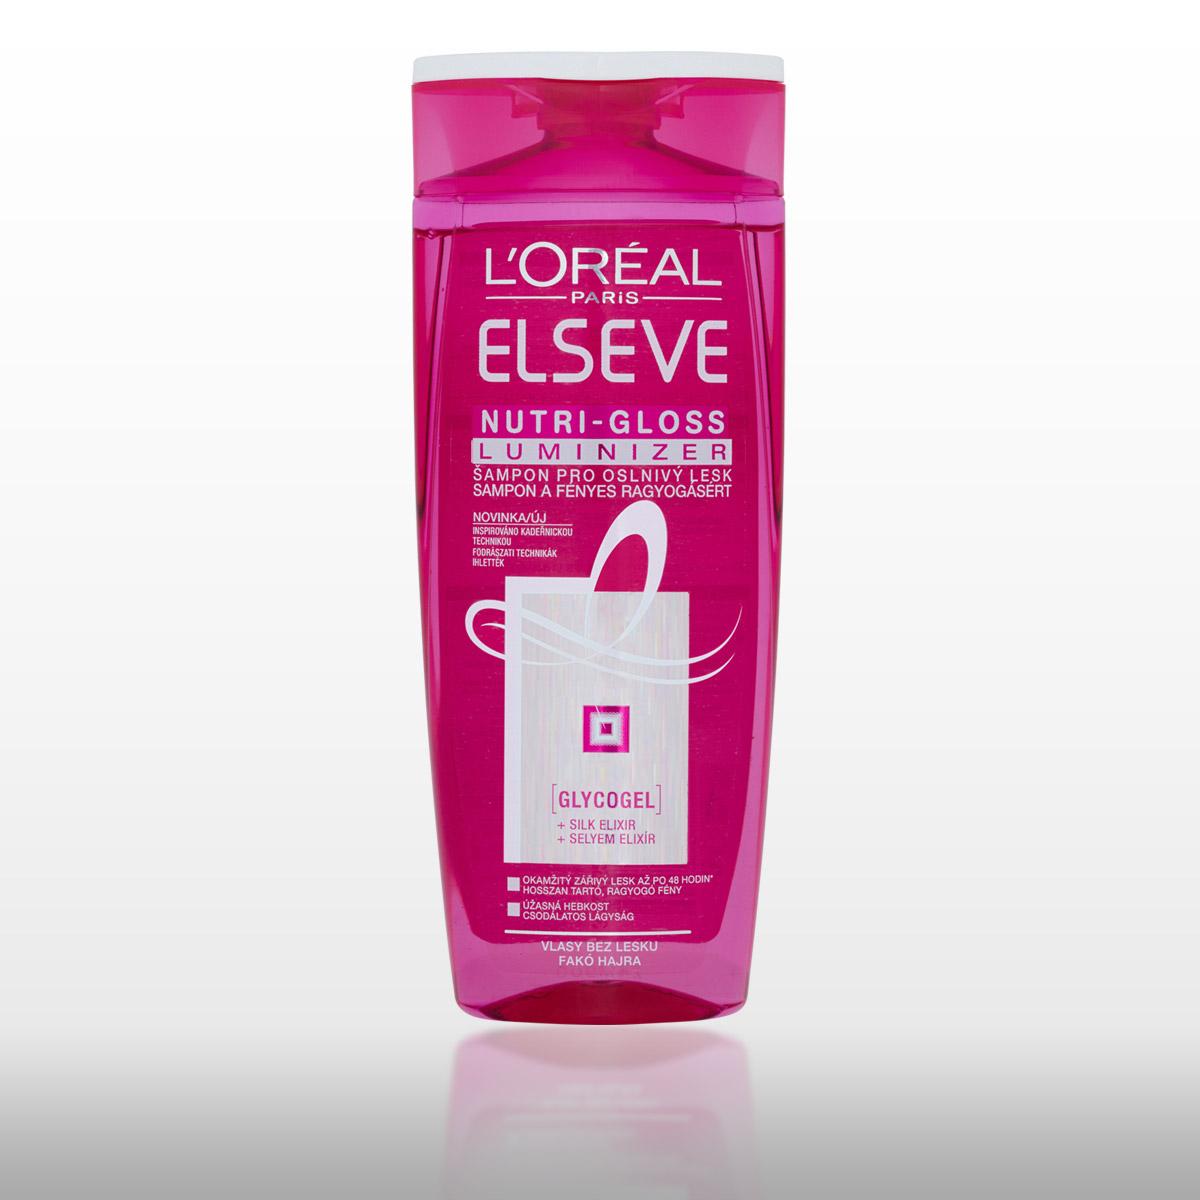 Šampón z kozmetického radu Nutri-Gloss Luminizer od L'Oréal Paris